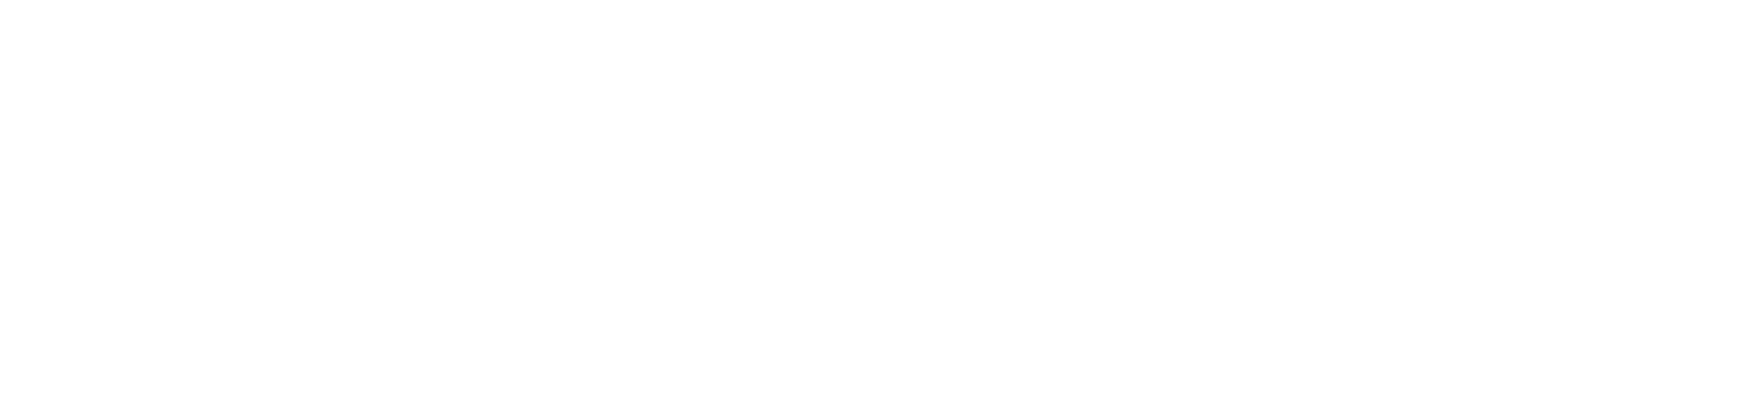 Göteborgs Förenade Plåtslageri